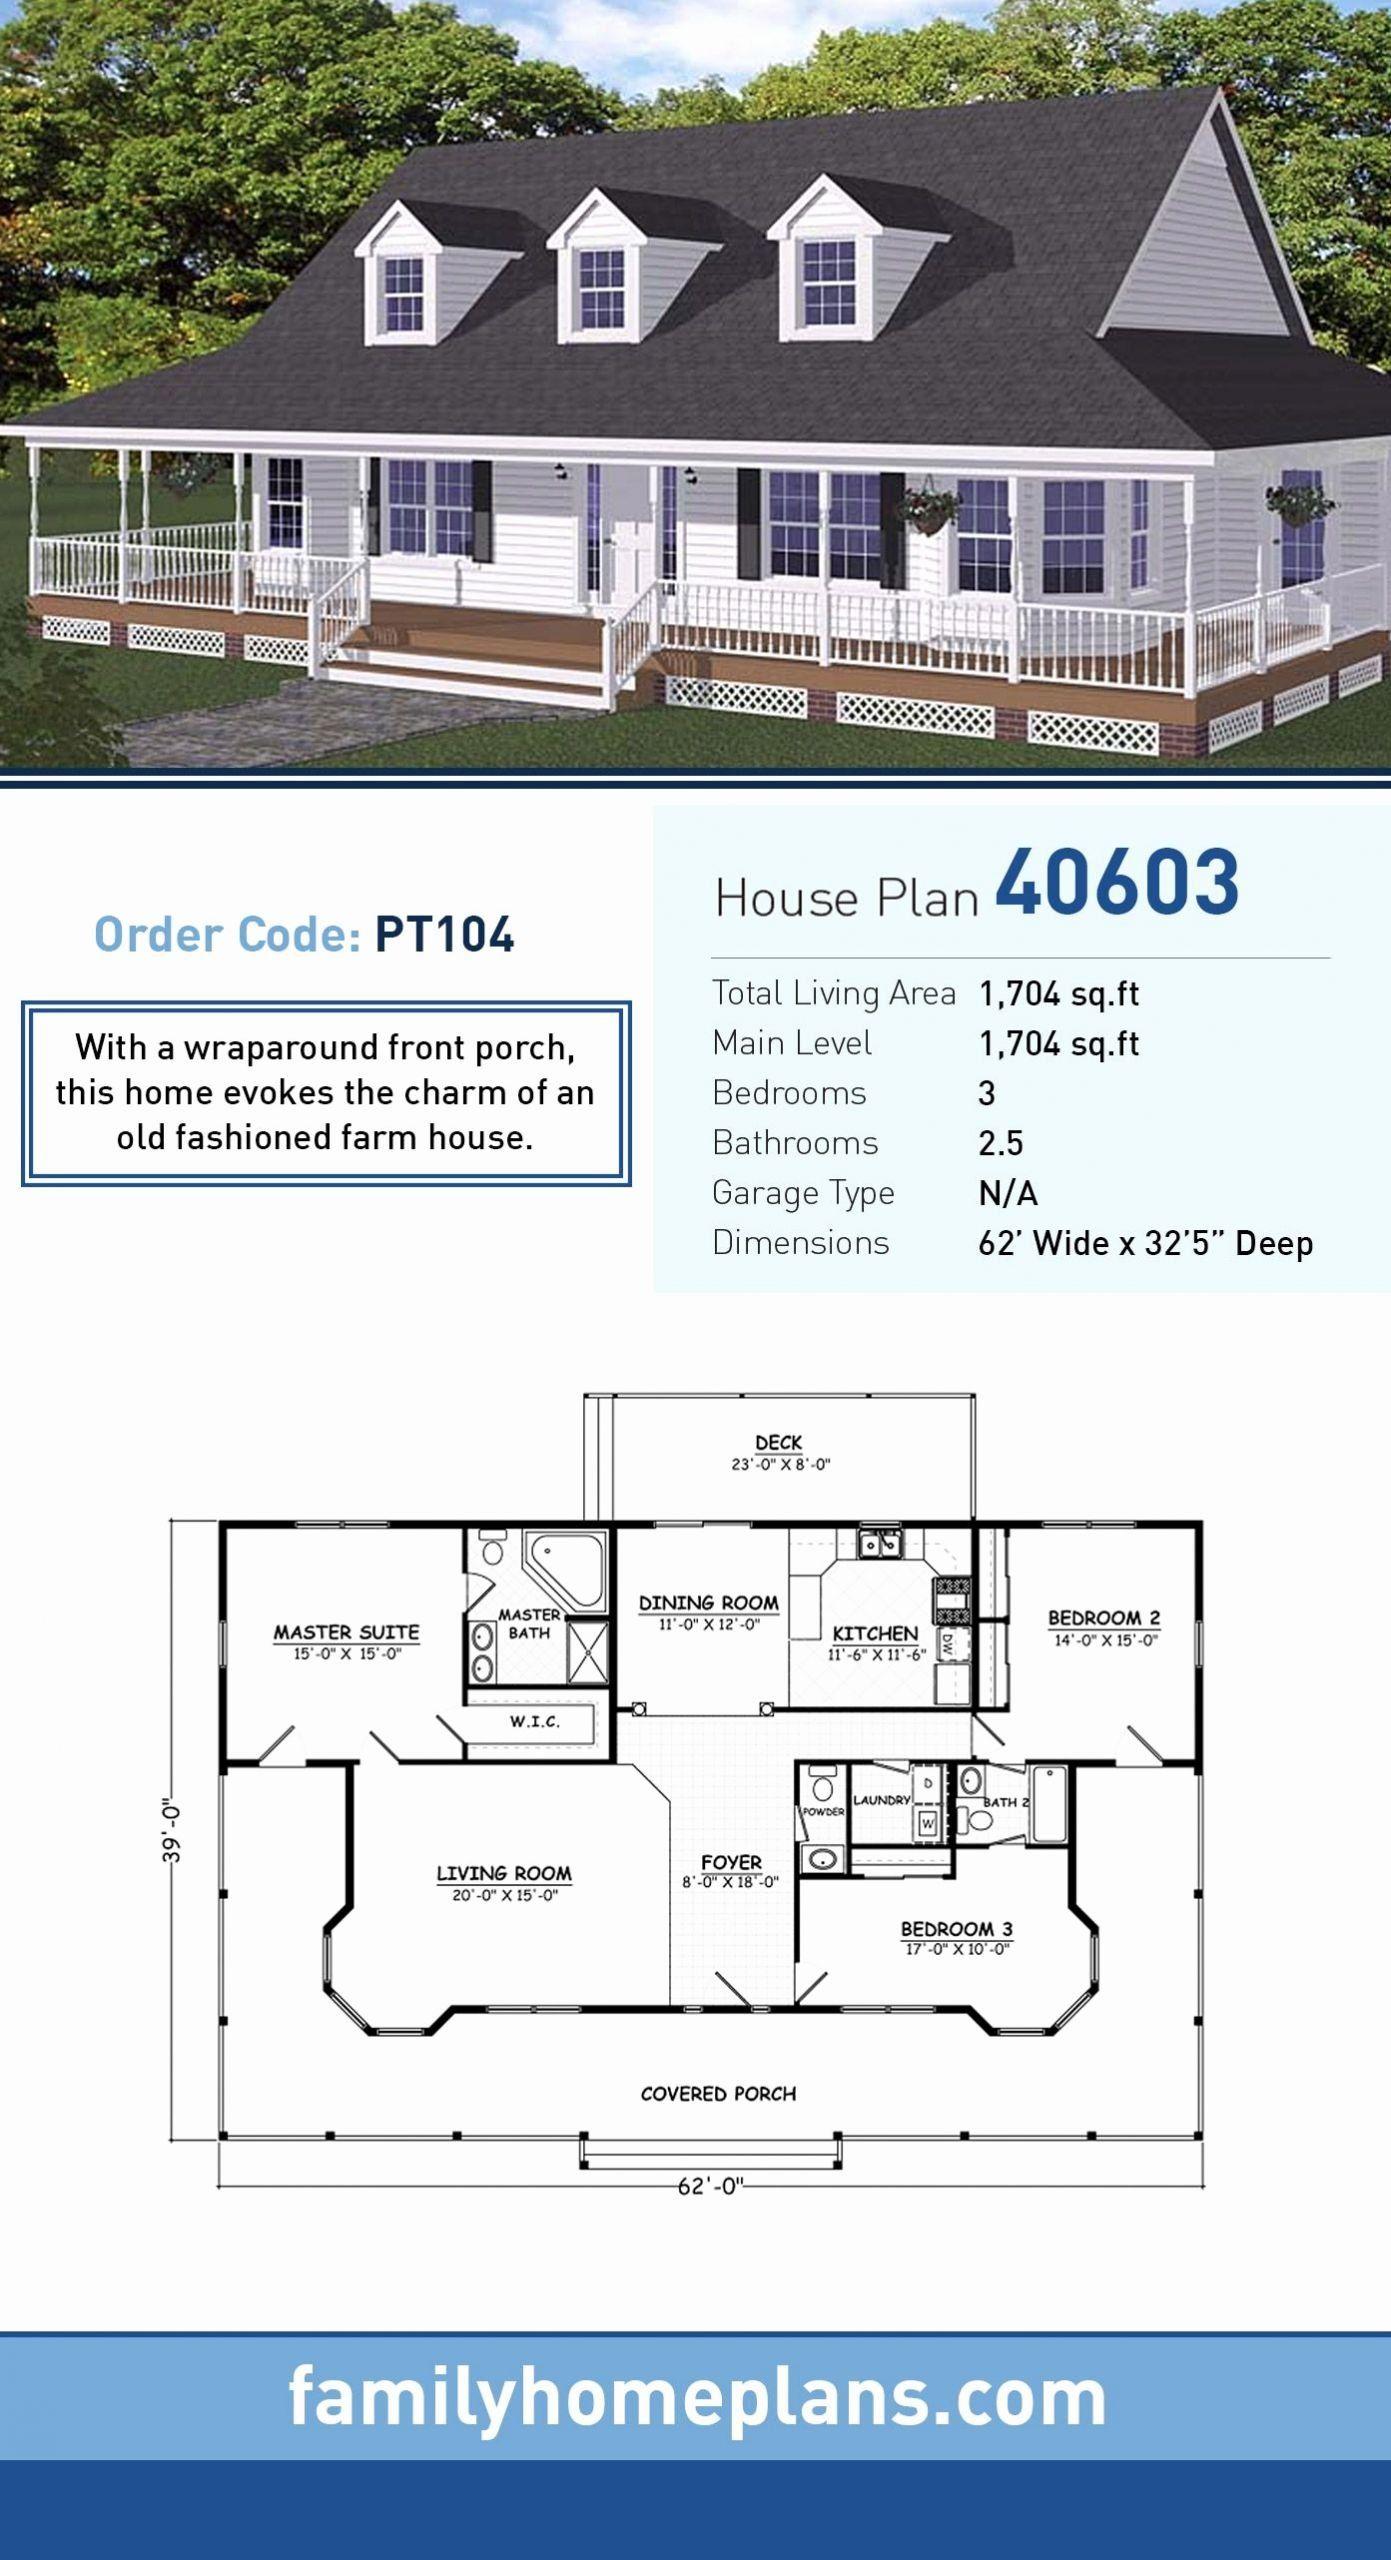 2 Bedroom Farmhouse House Plans New Farmhouse Plan In 2020 Small Farmhouse Plans Farmhouse Plans Ranch House Plans